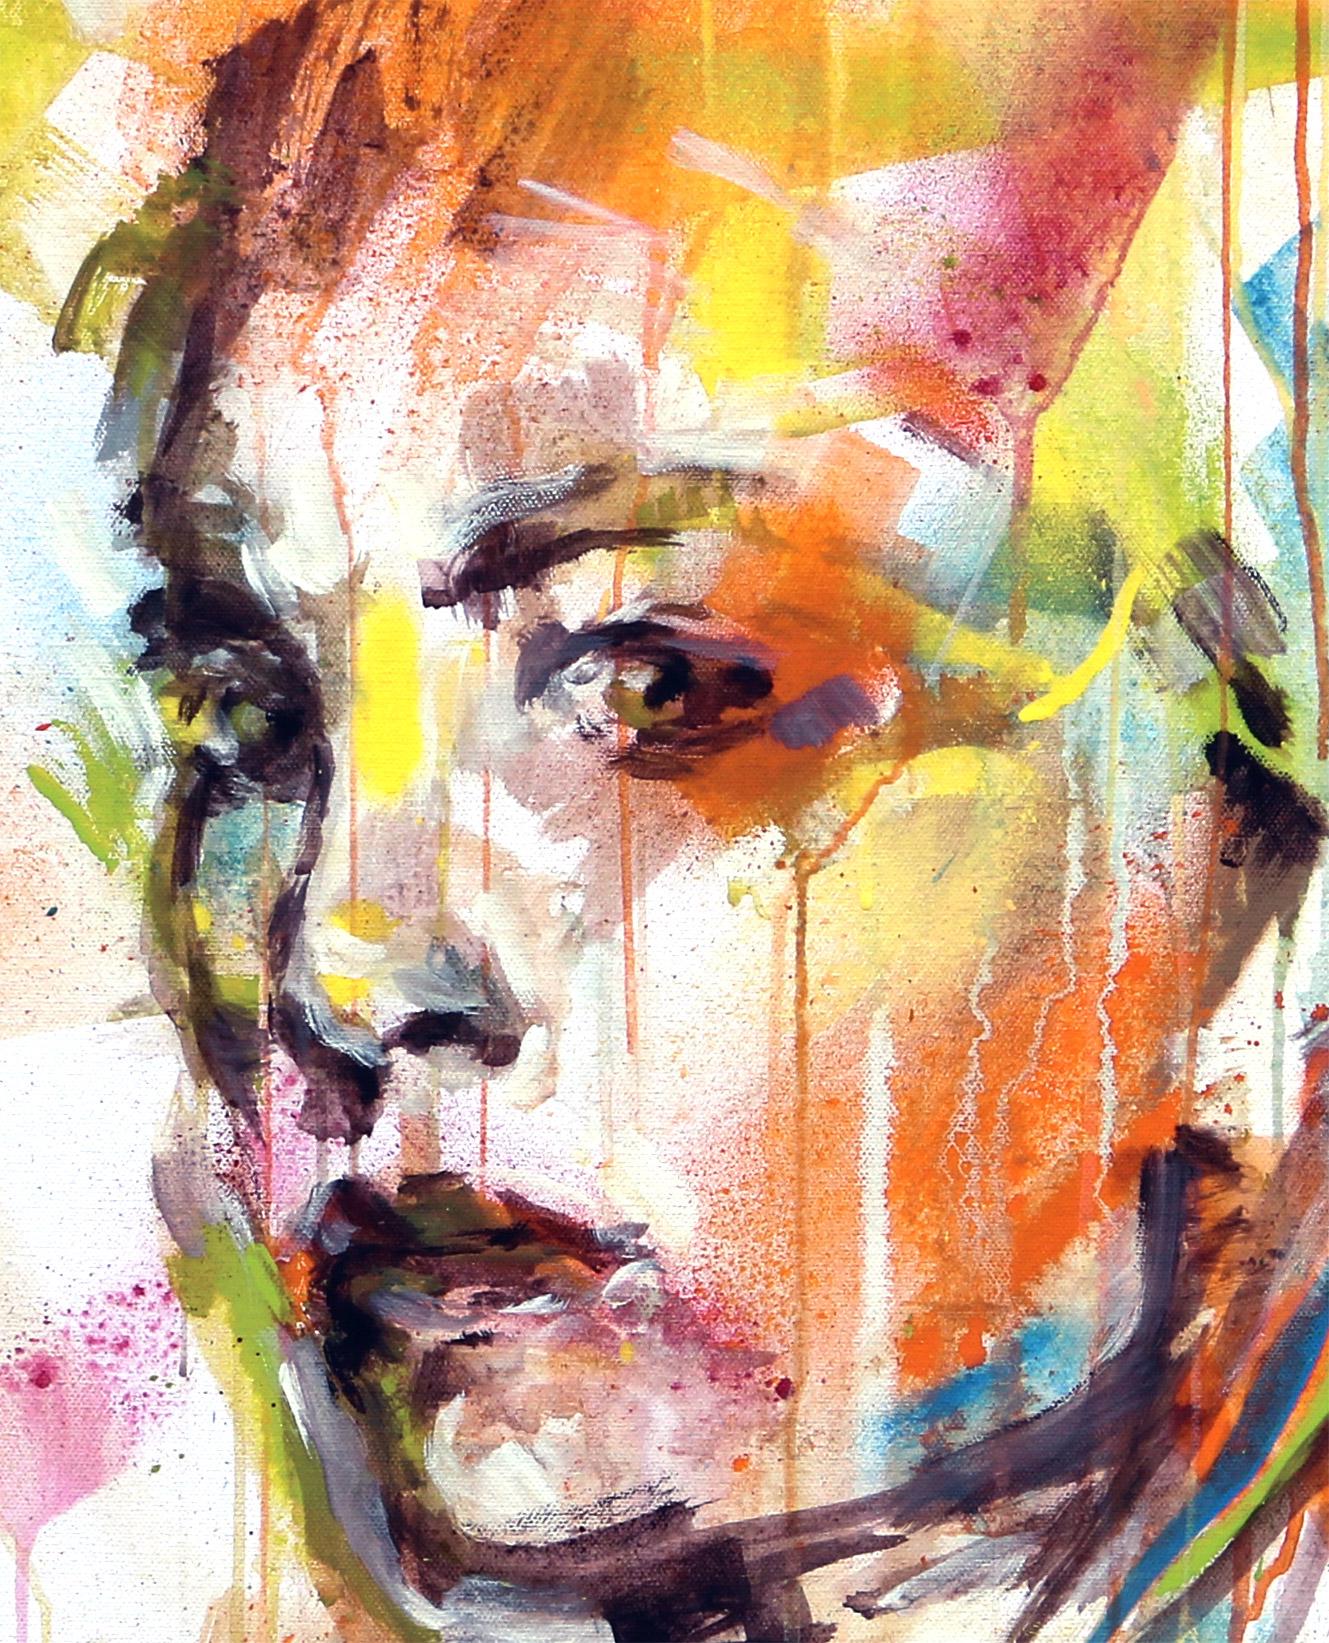 """Peinture art à la bombe graffiti - """"Défiance"""" détail - Par Enkage"""